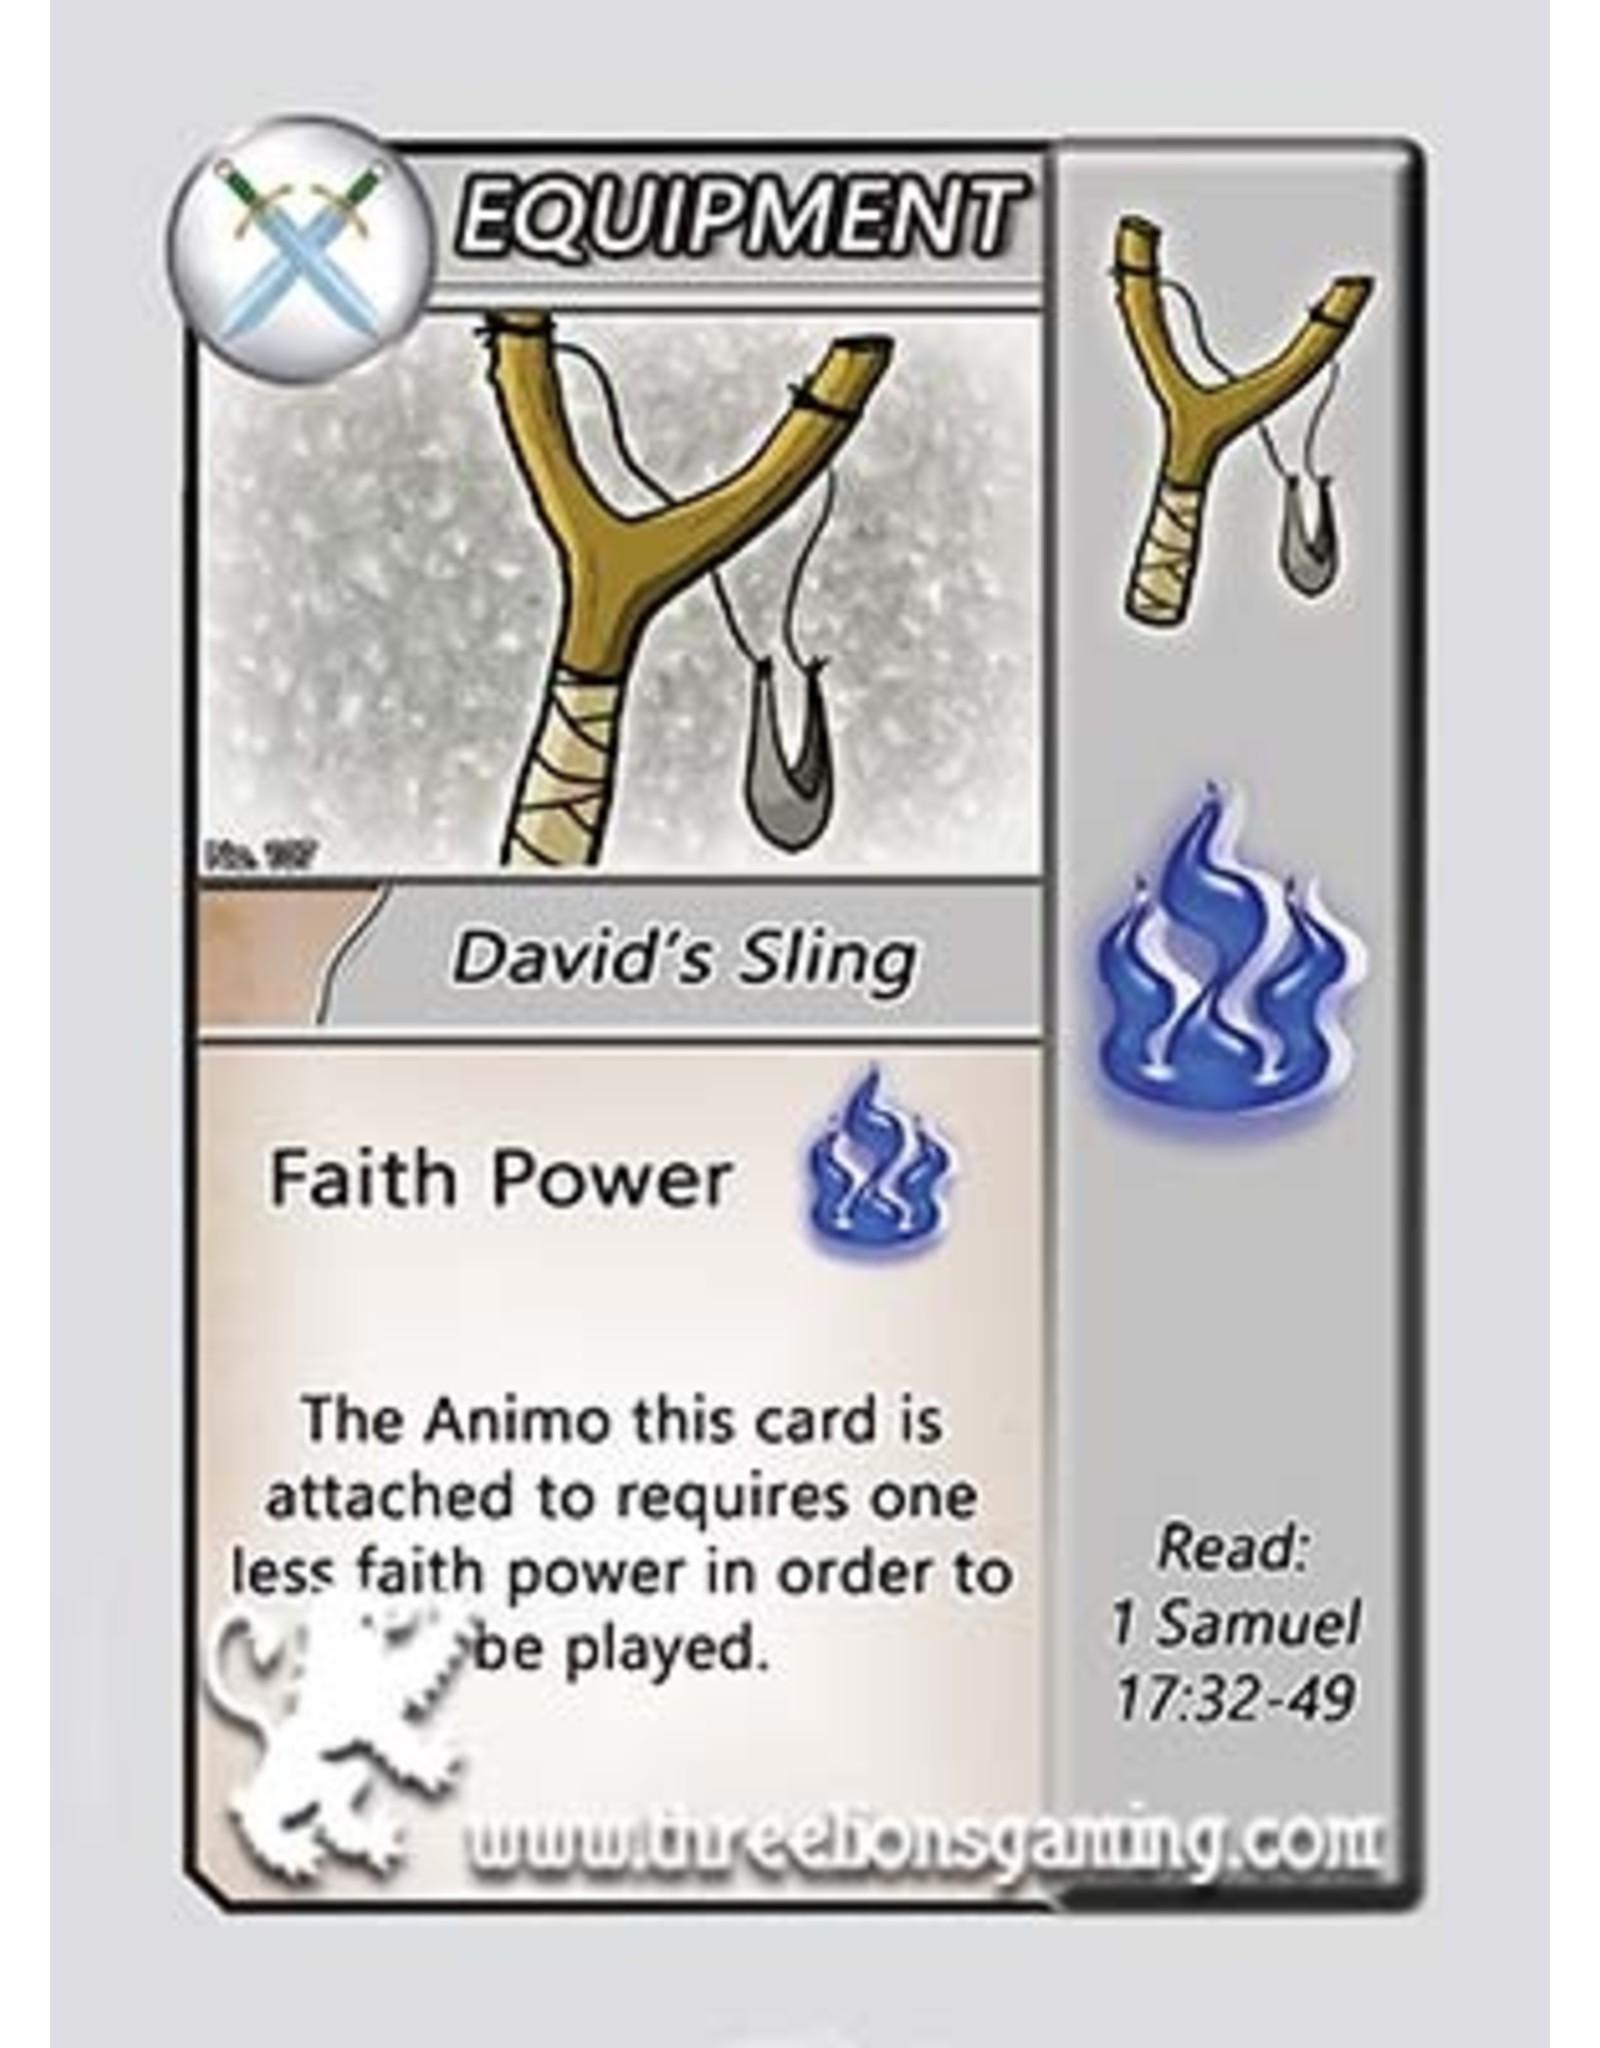 S1: David's Sling